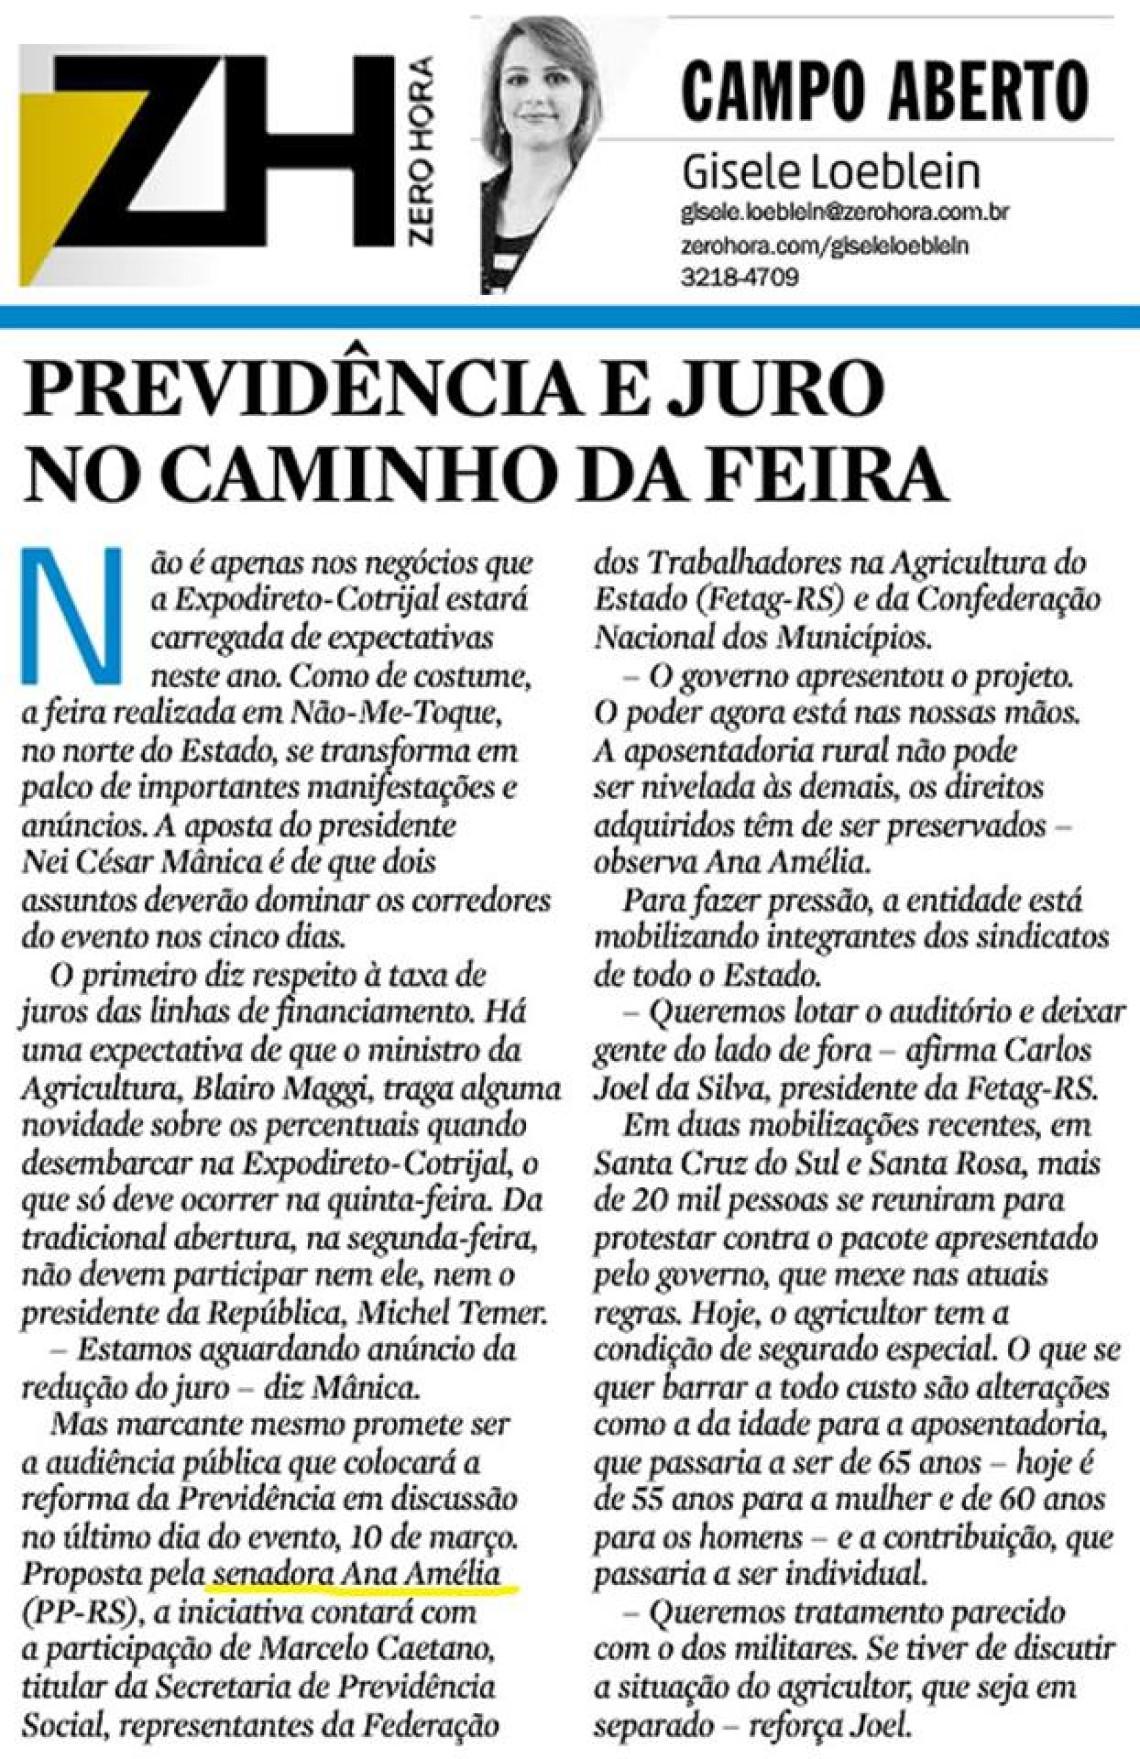 Zero Hora: CAMPO ABERTO - PREVIDÊNCIA E JURO NO CAMINHO DA FEIRA